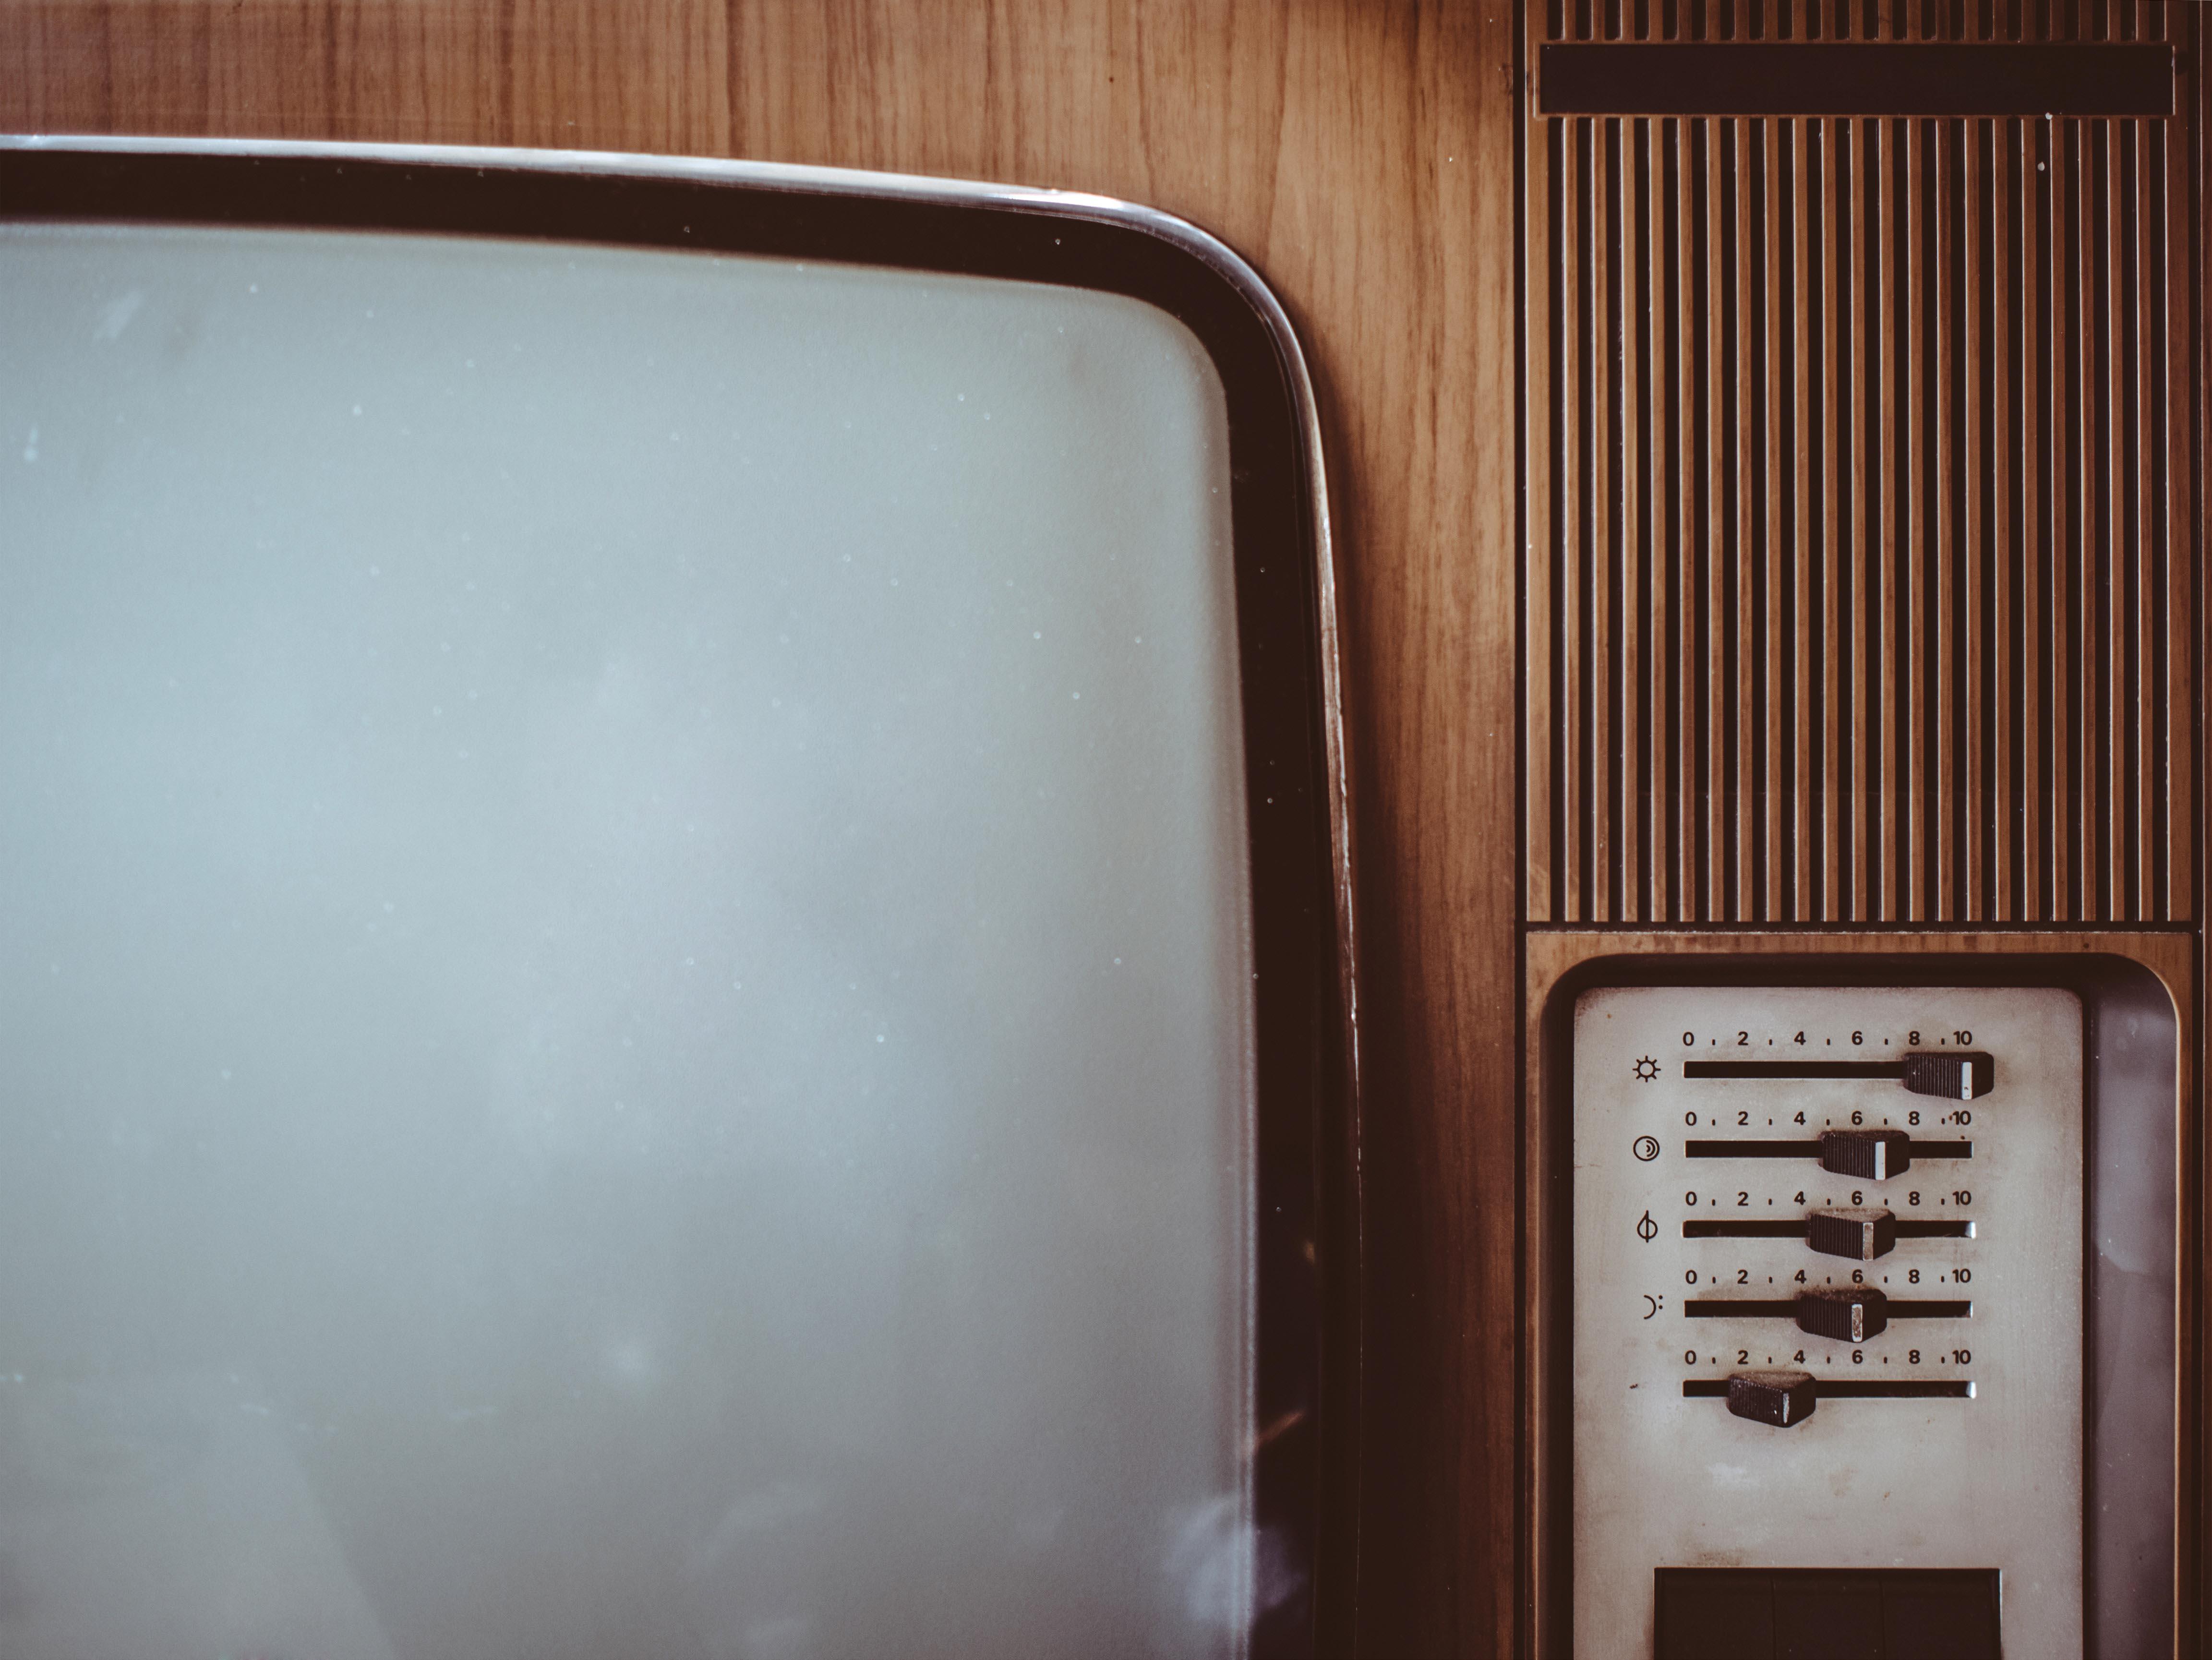 An old CRT TV